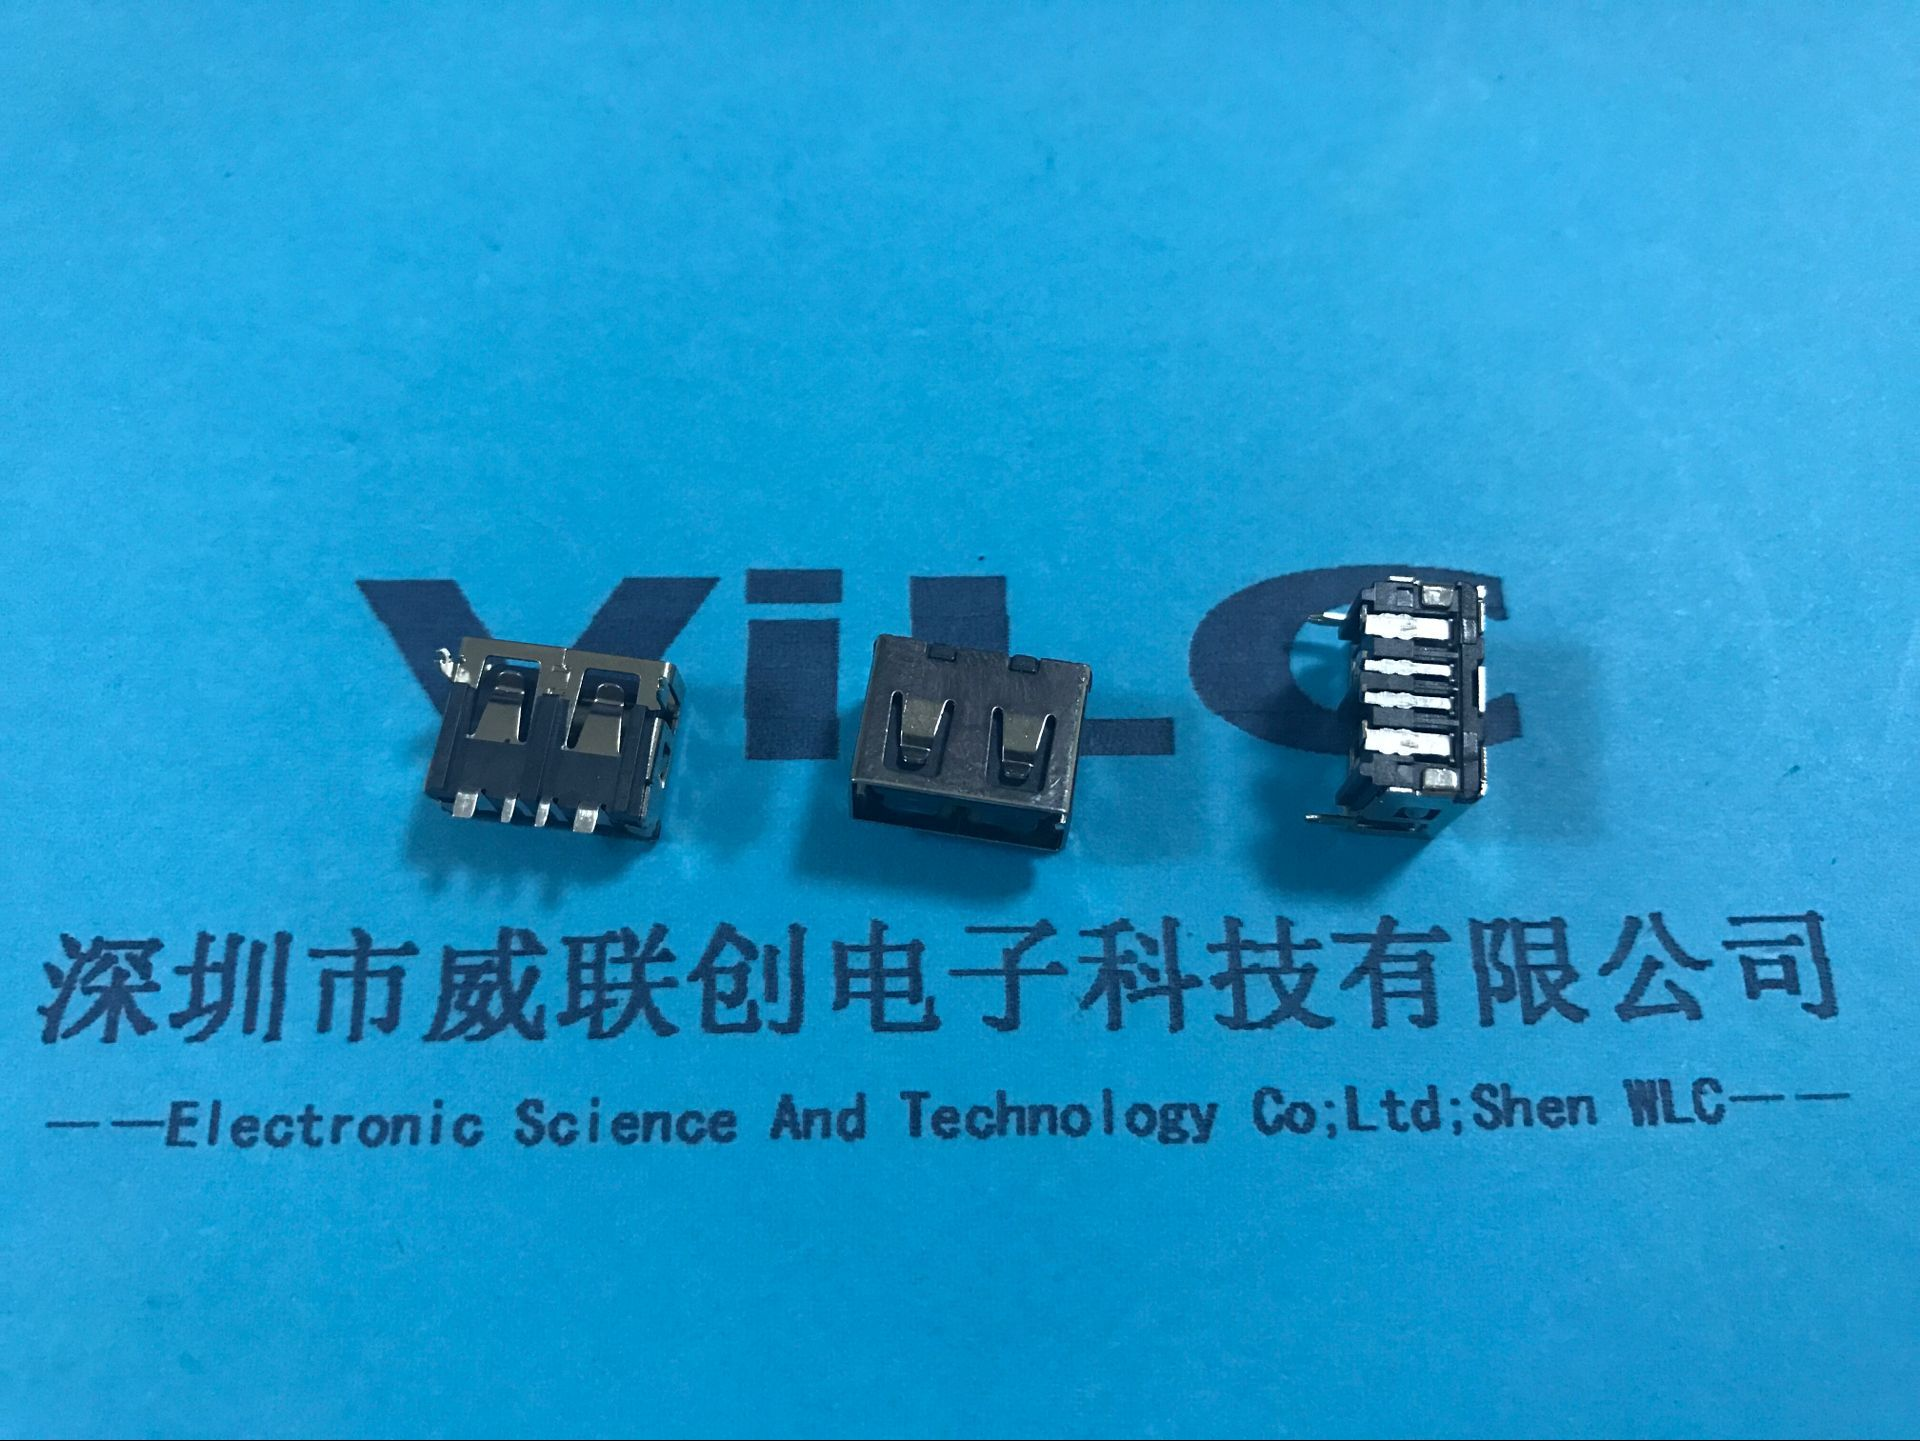 大电流沉板USB10.0短体母座(沉板1.9mm)直边米黄胶示例图2